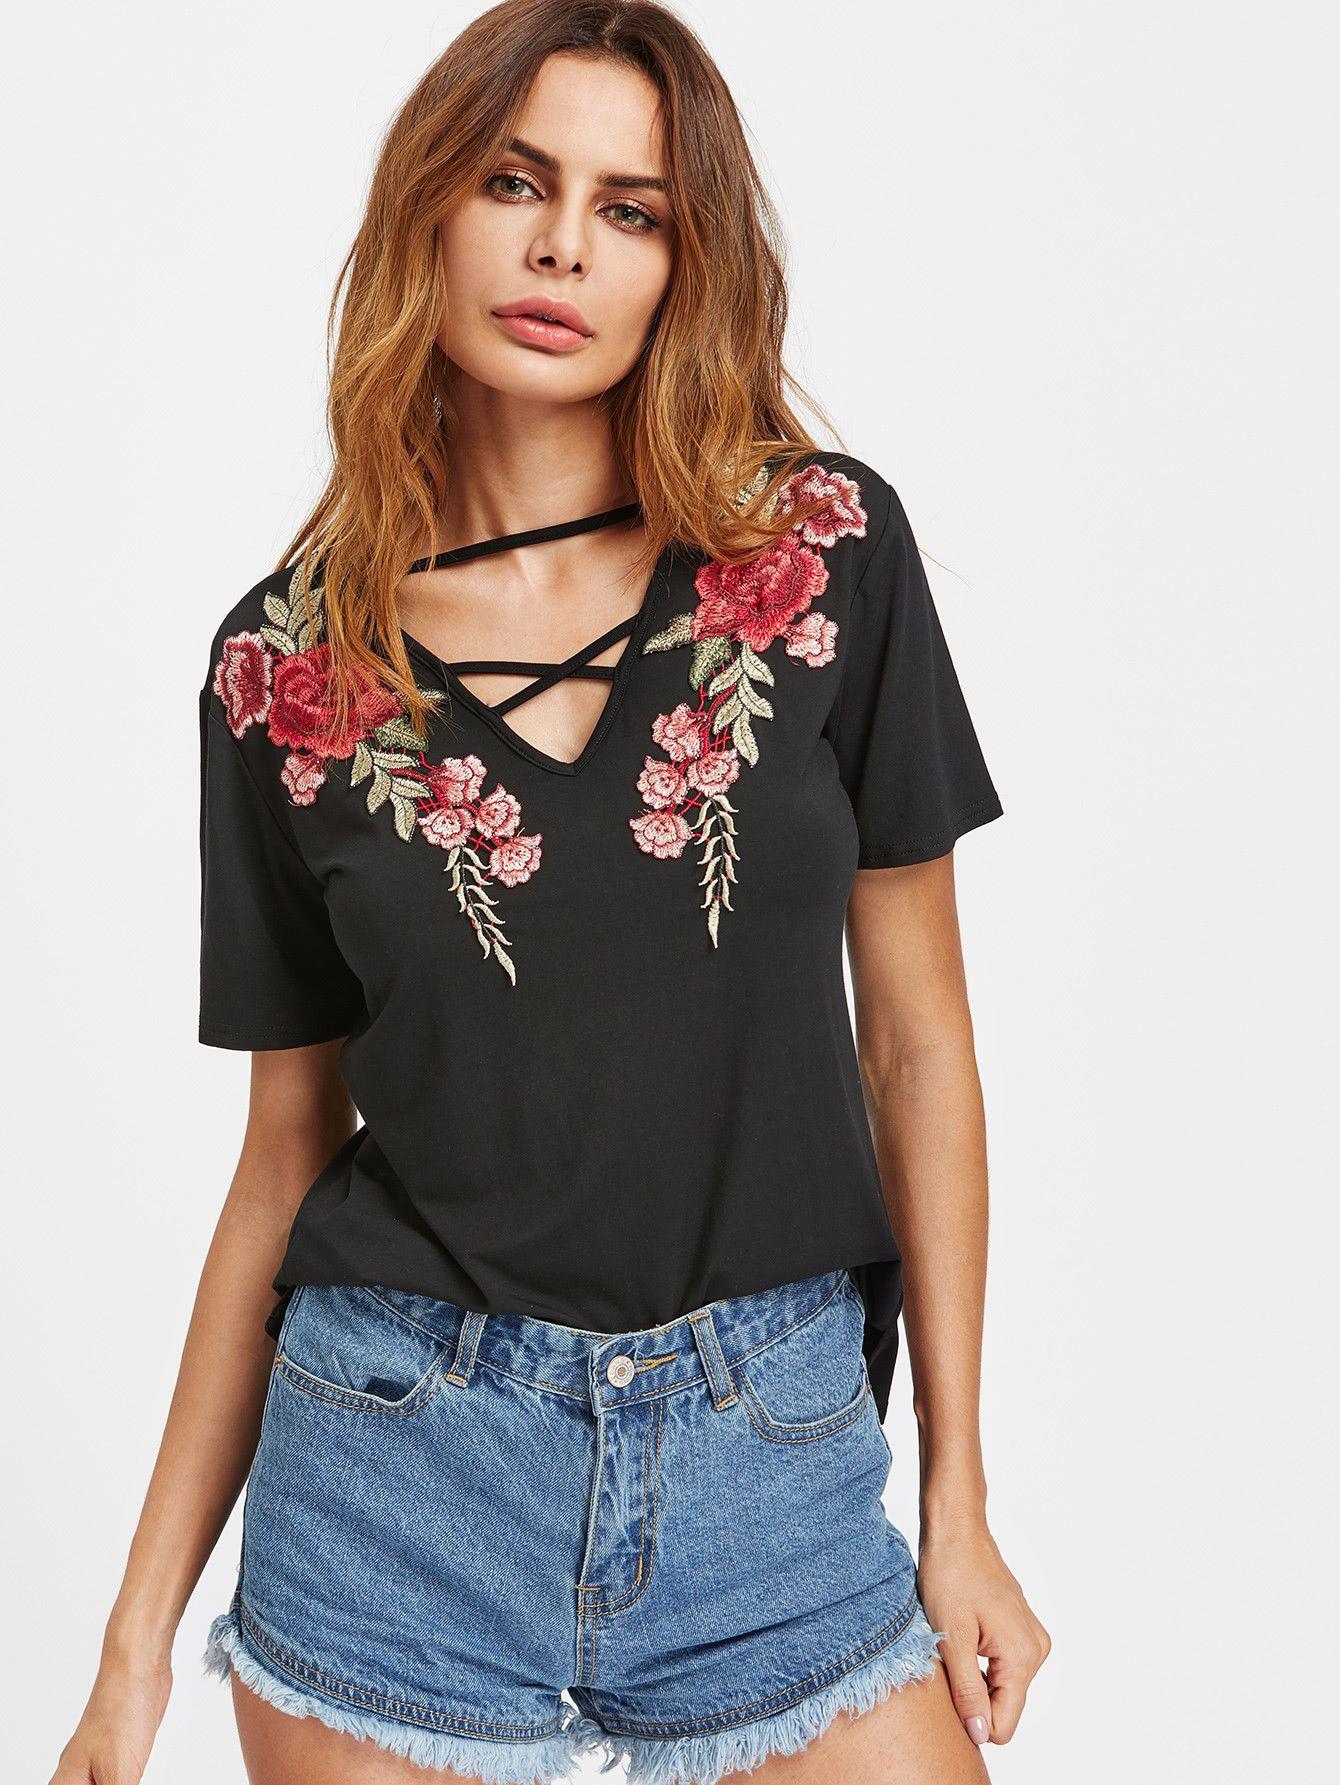 Camiseta con cuello en V con tiras con parche de rosa -Spanish  SheIn(Sheinside) 05aef334260ff